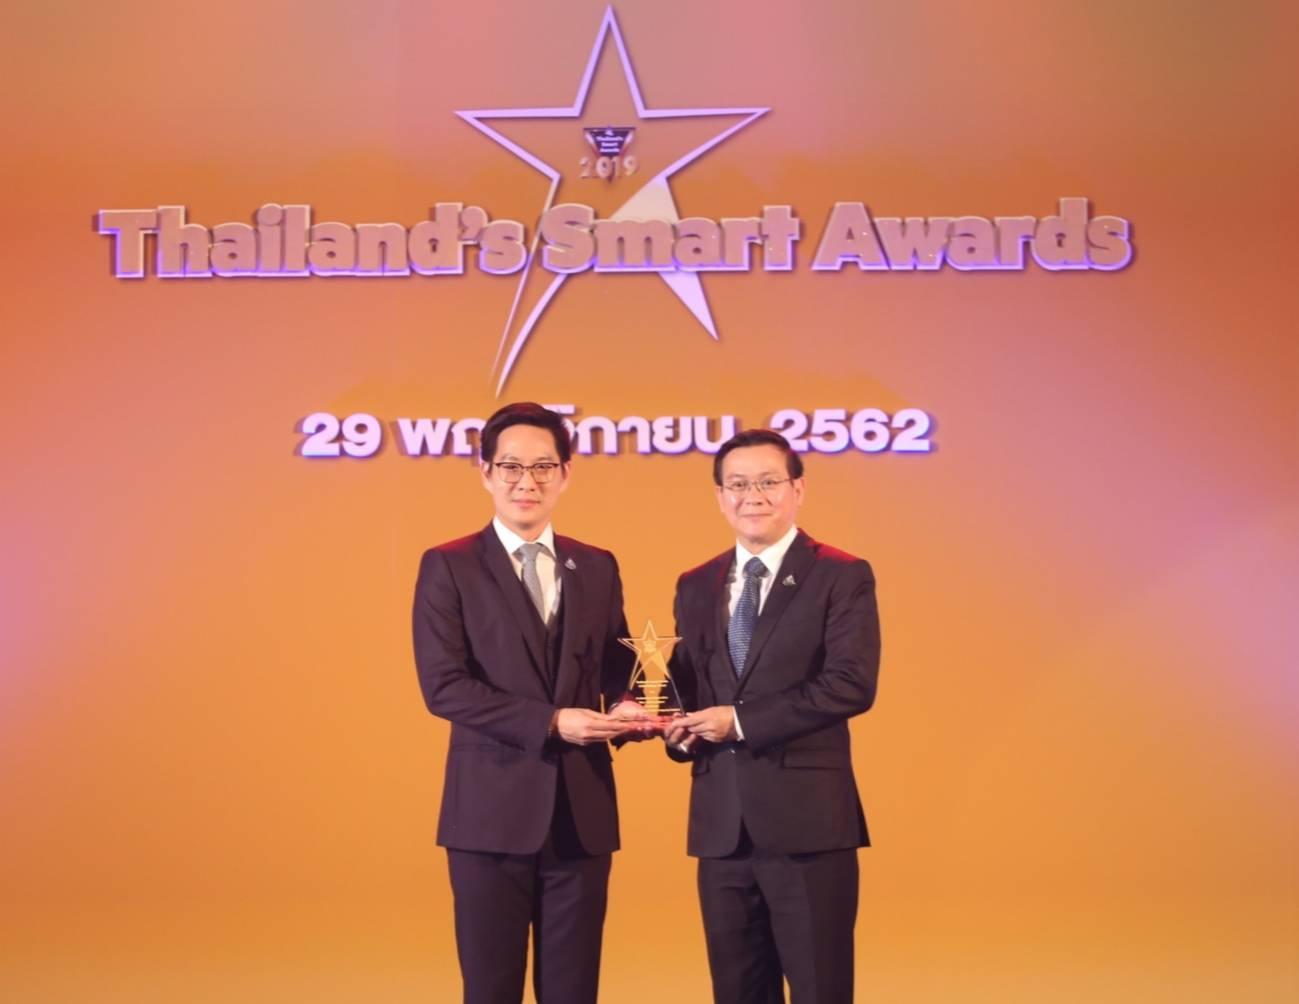 TIP รับรางวัล เกียรติยศ Thailand's Smart Awards ครั้งที่ 2 ปี 2562